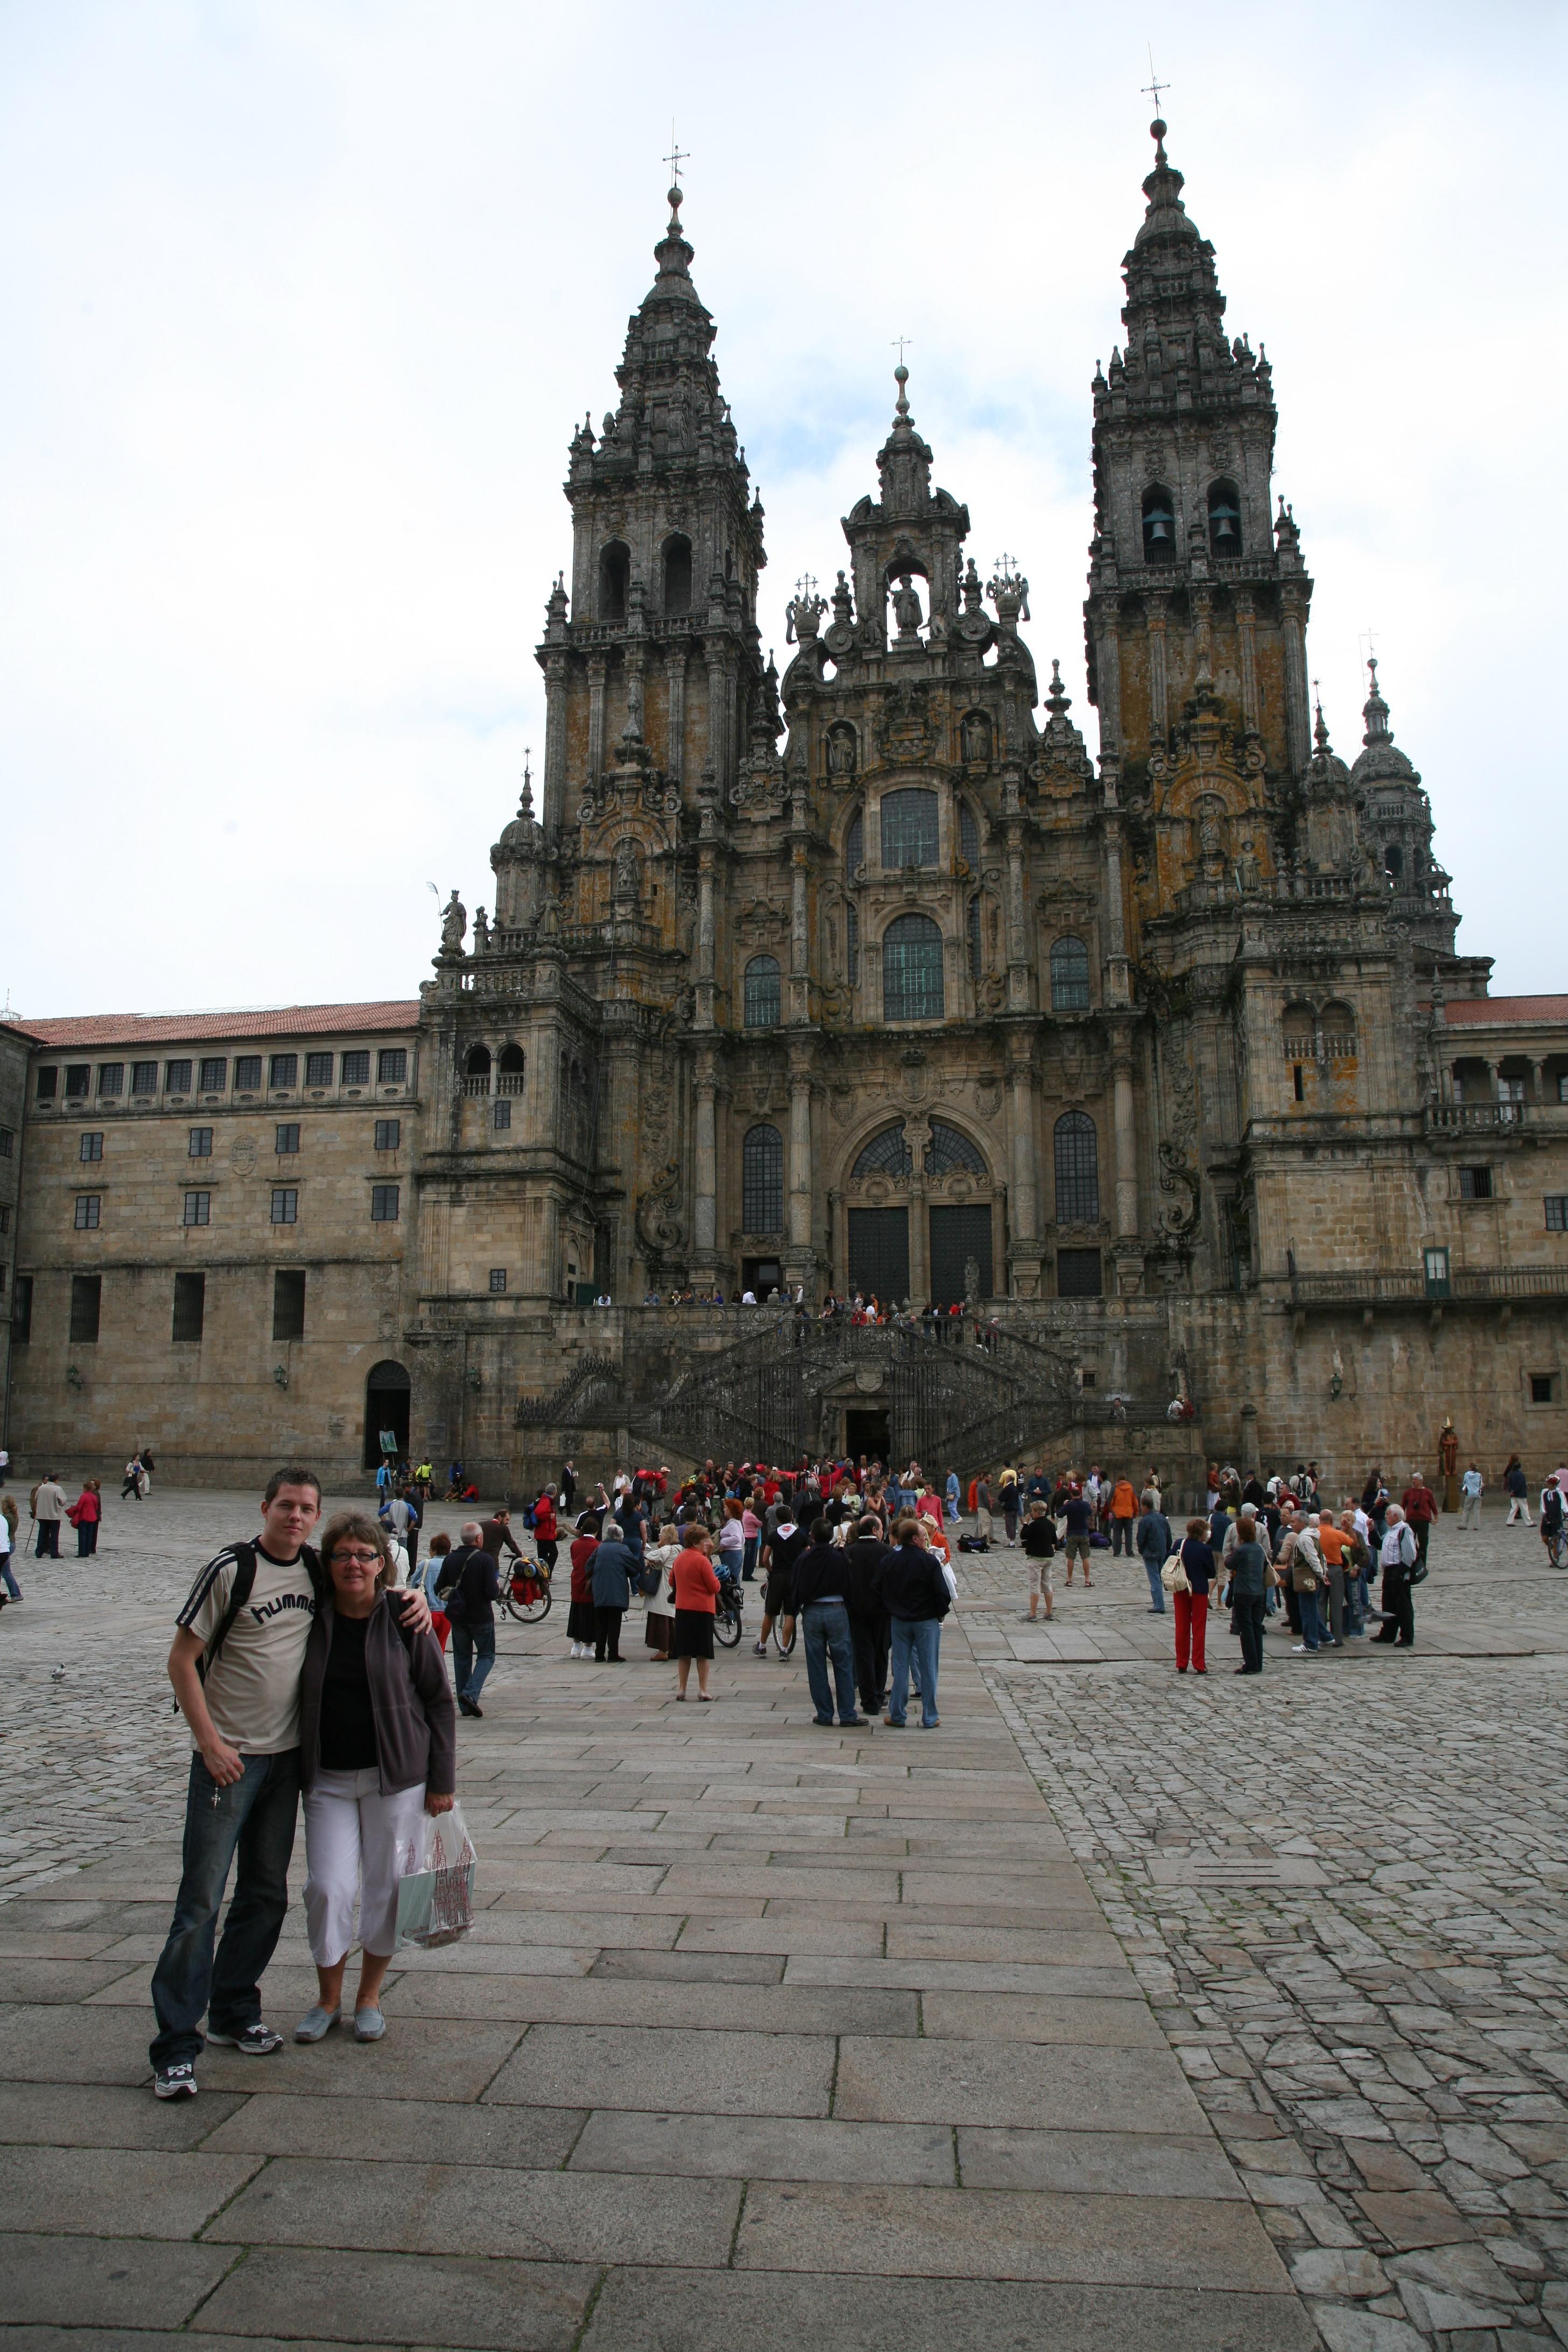 Lisbeth og Rasmus ved katedralen som vi har glædet os til at opleve og som besøges af mange millioner pilgrimme og turister hvert år.